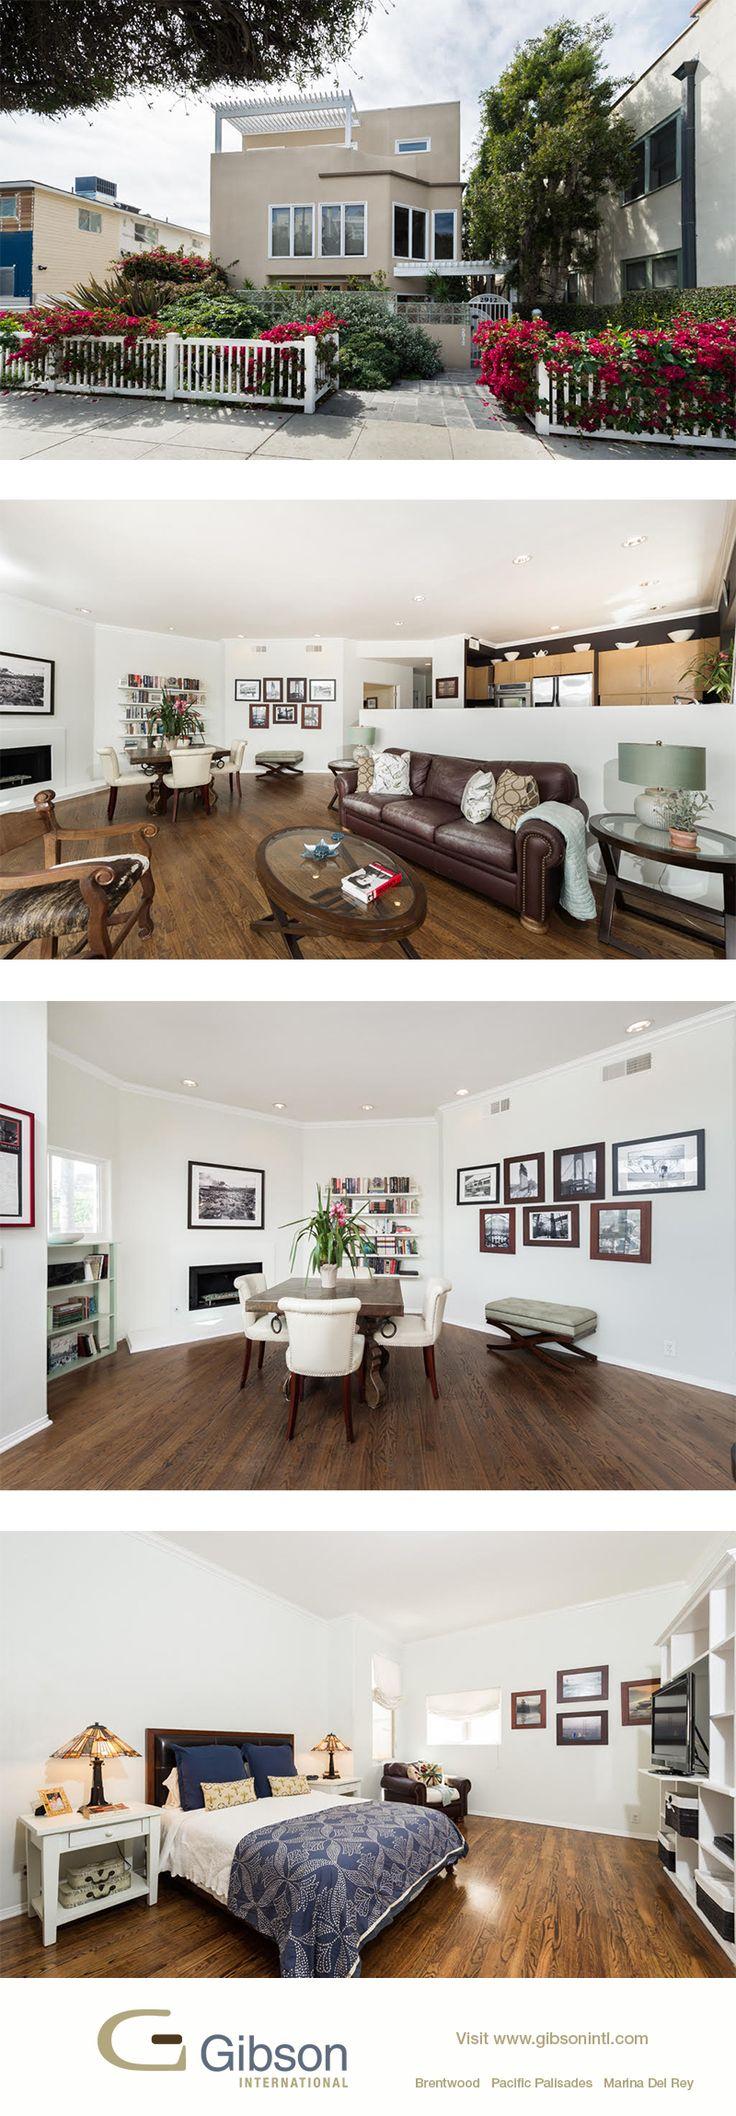 Best 75+ Santa Monica Homes images on Pinterest | Santa monica ...